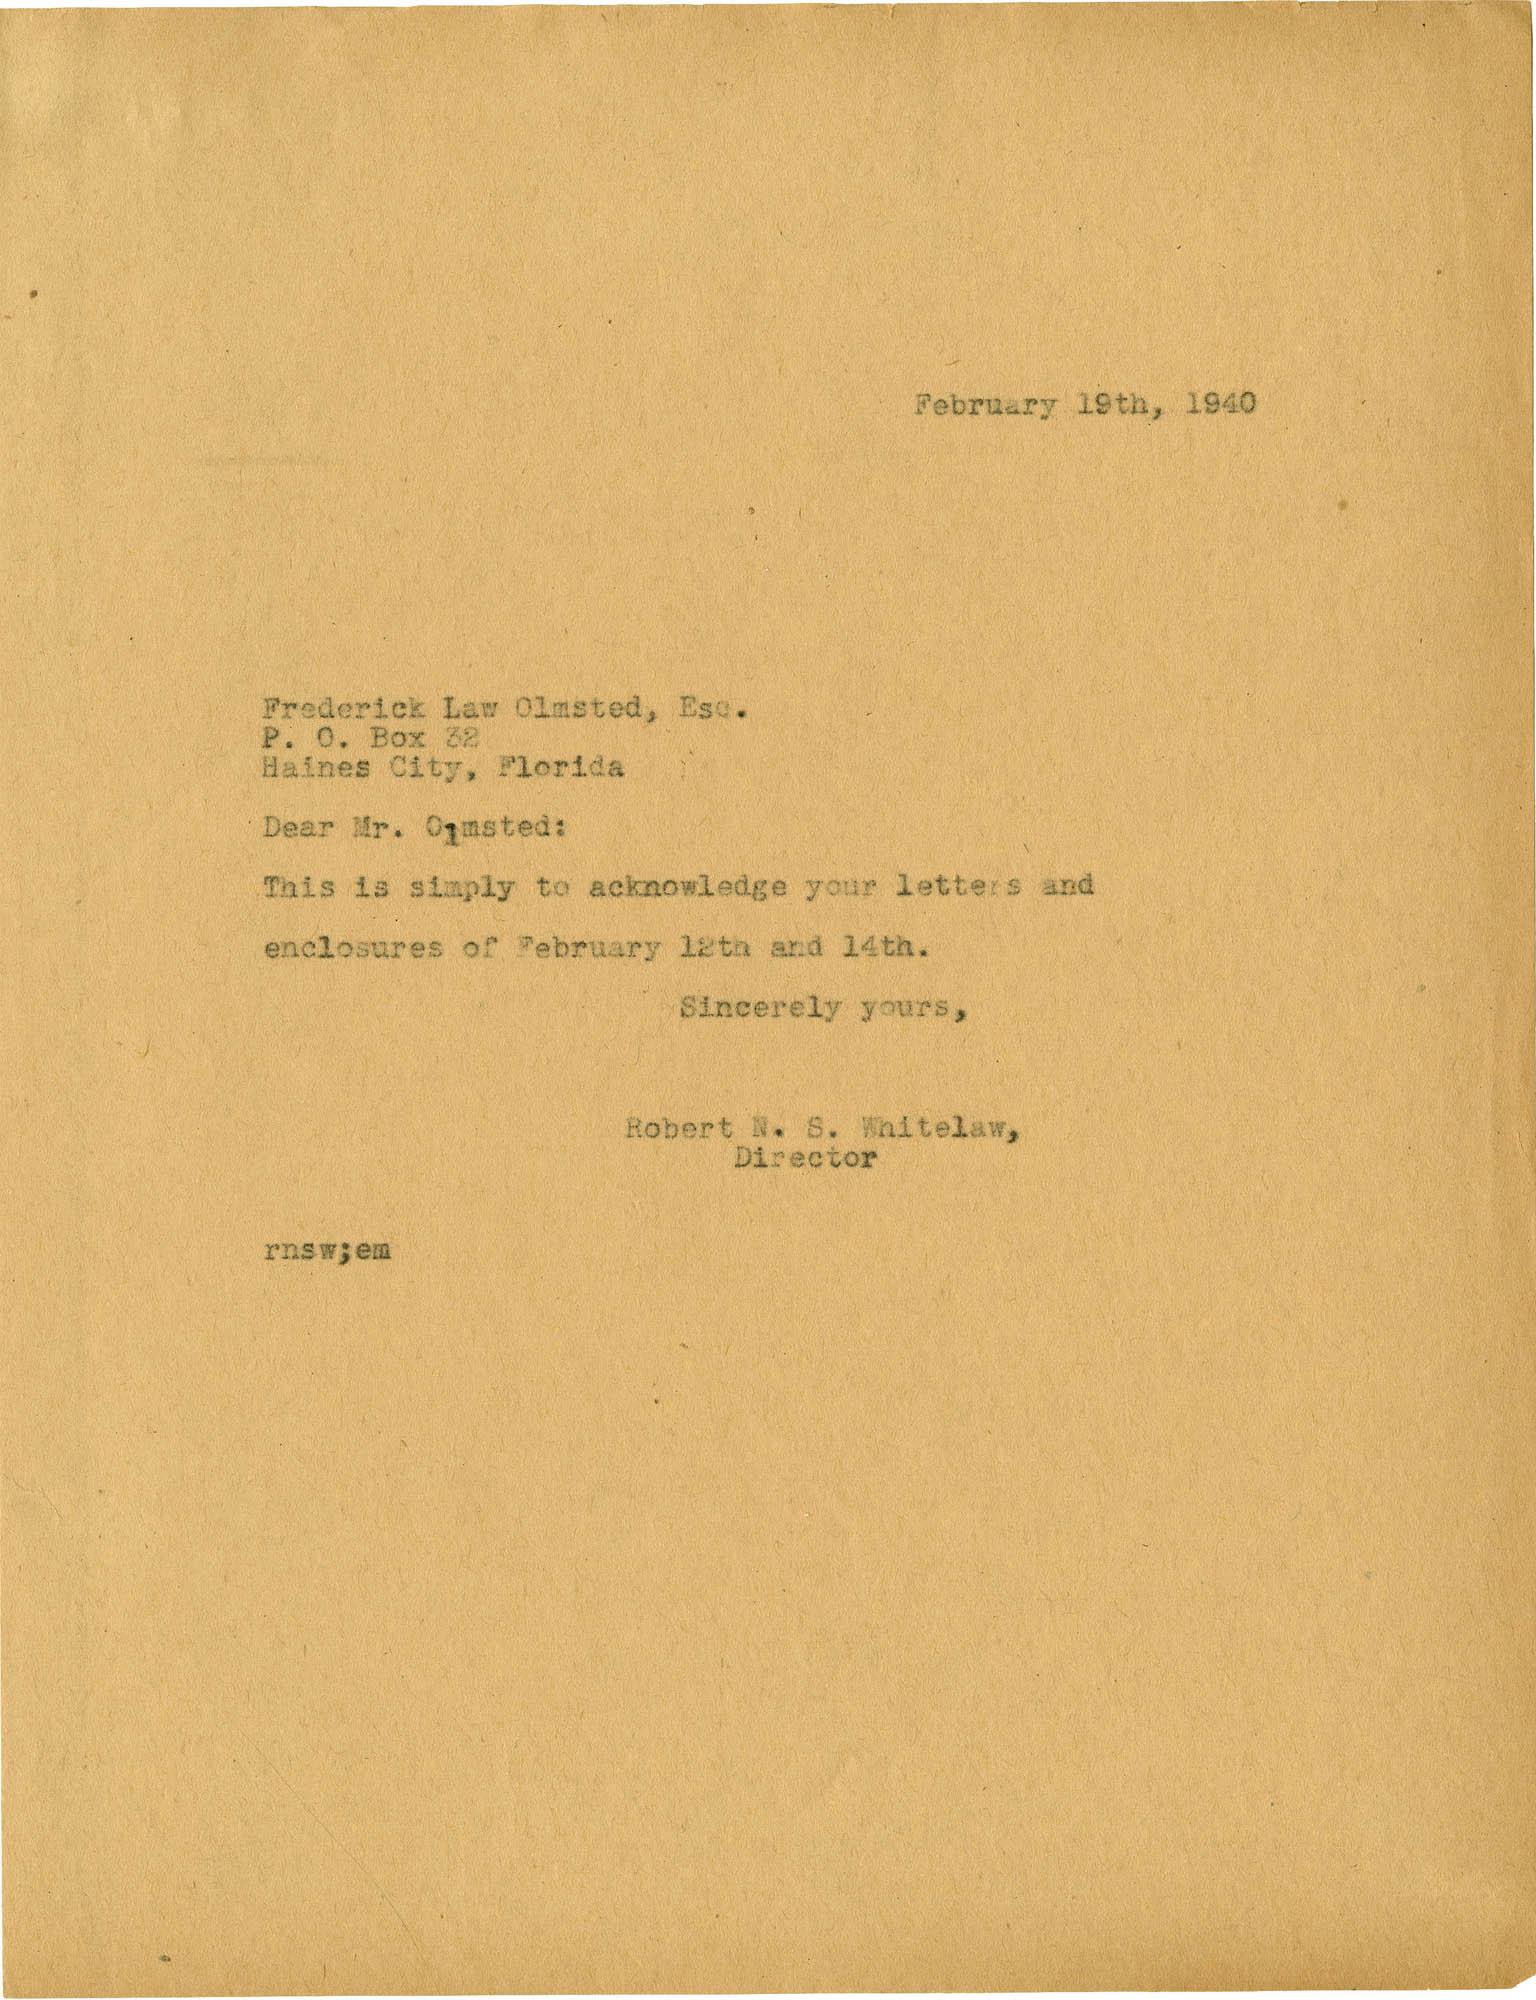 Folder 20: Whitelaw Letter 10